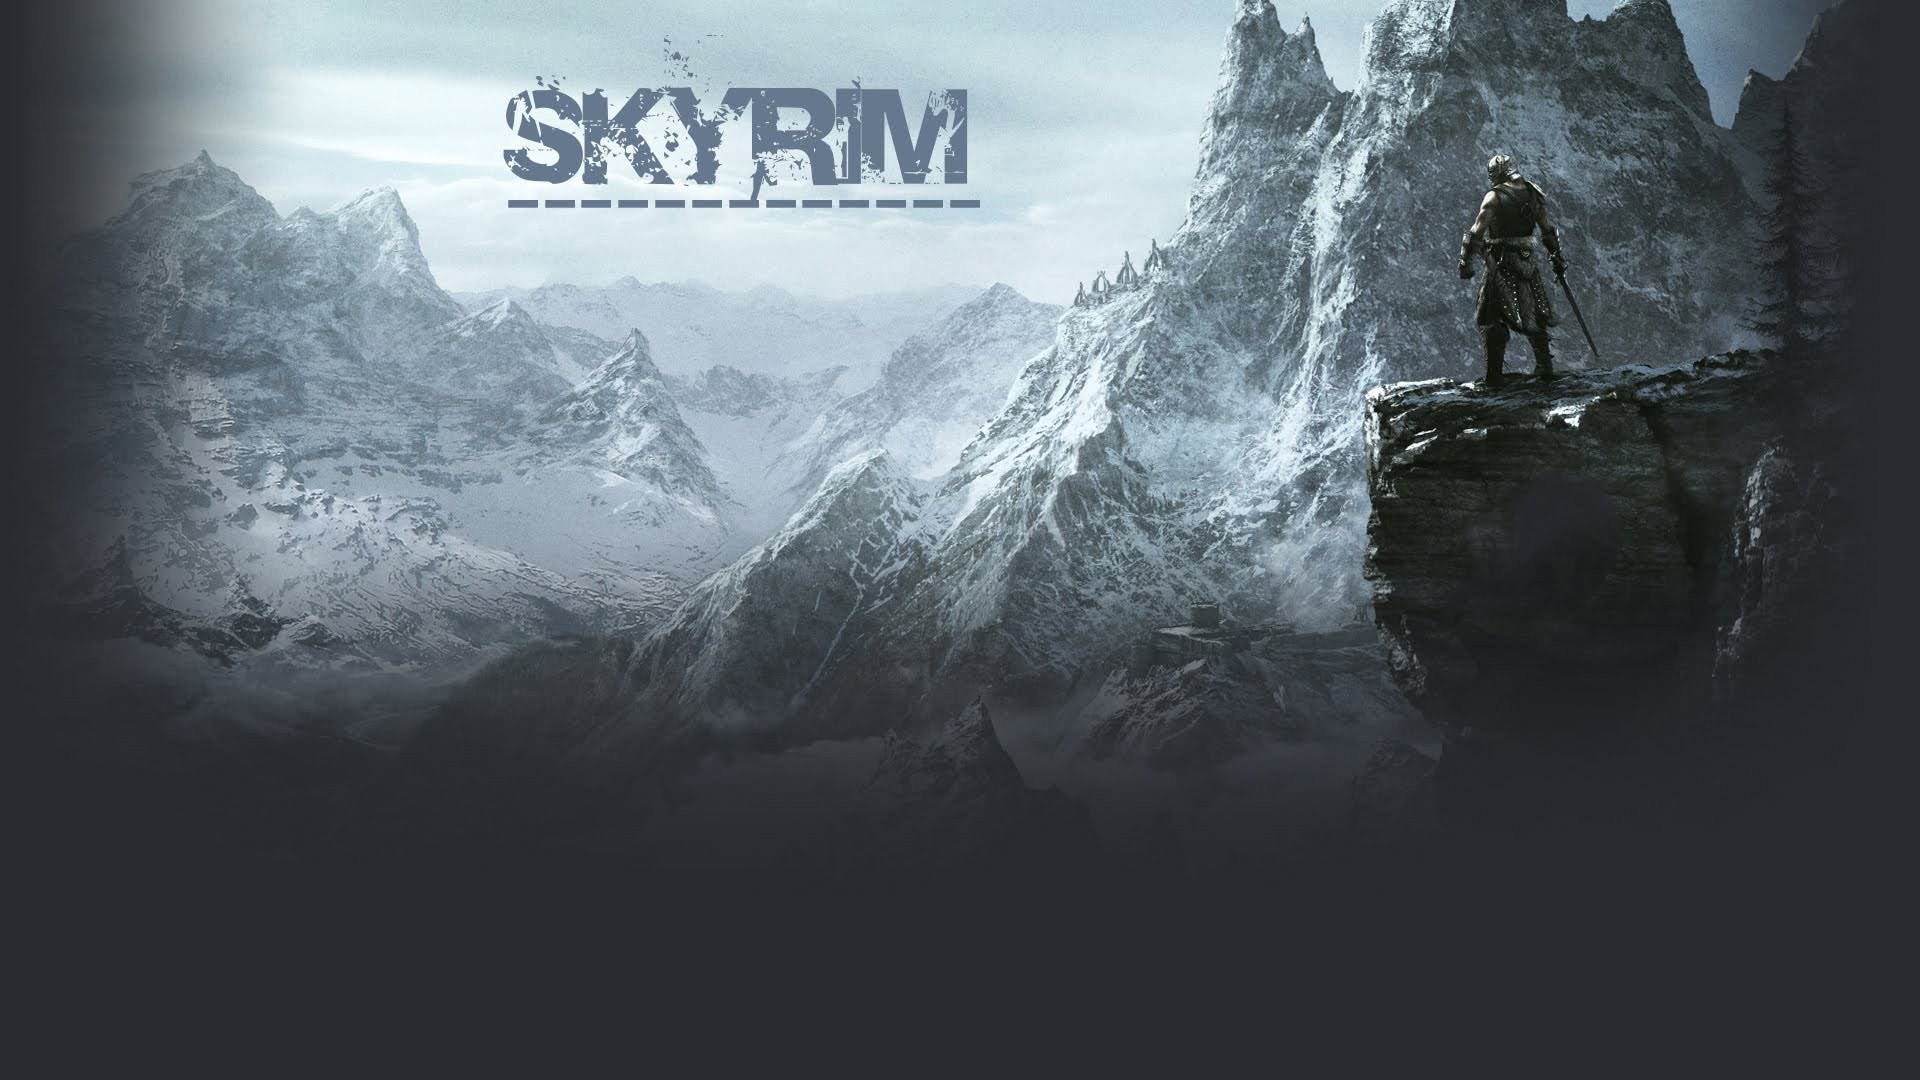 Skyrim Hd Wallpaper